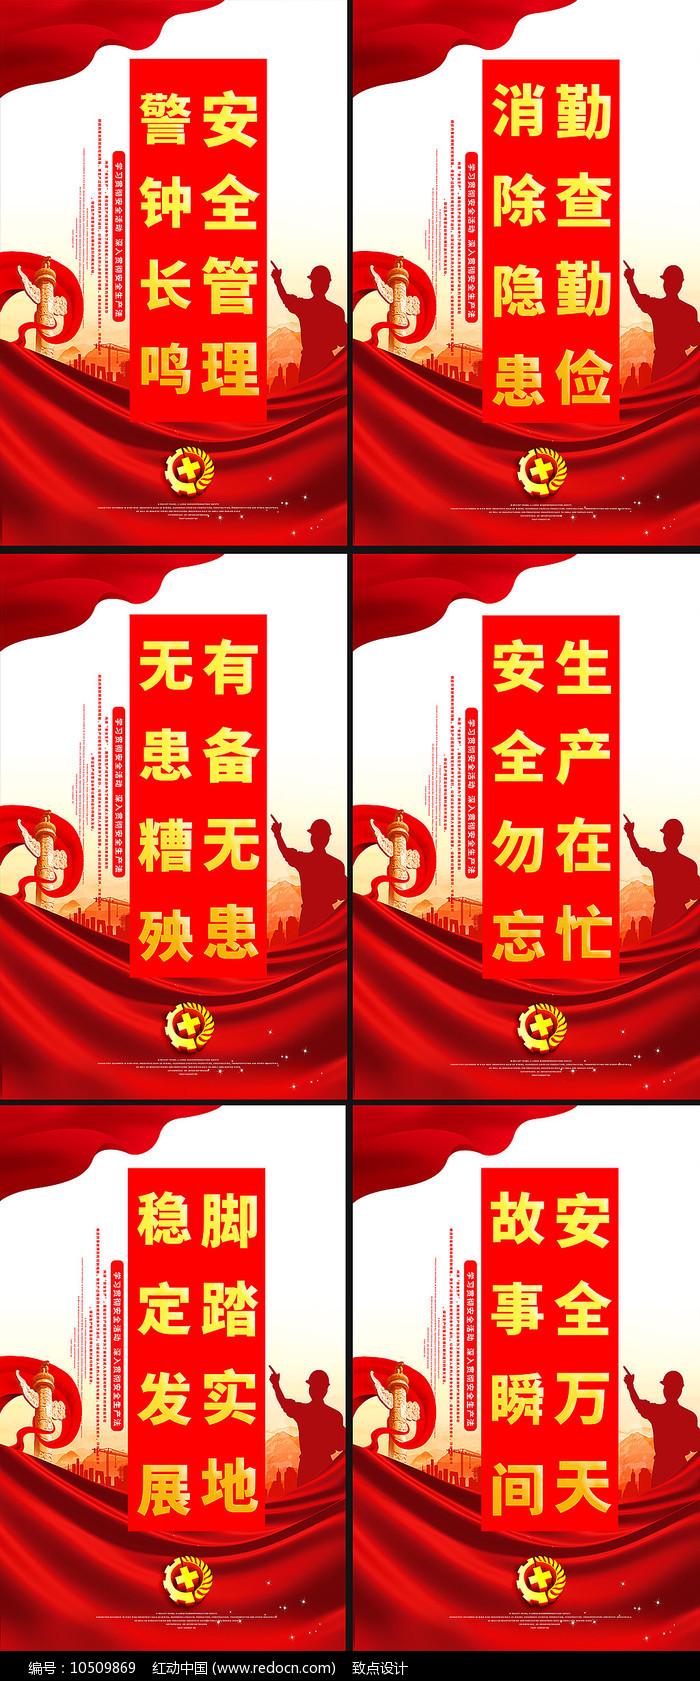 红色安全生产展板图片